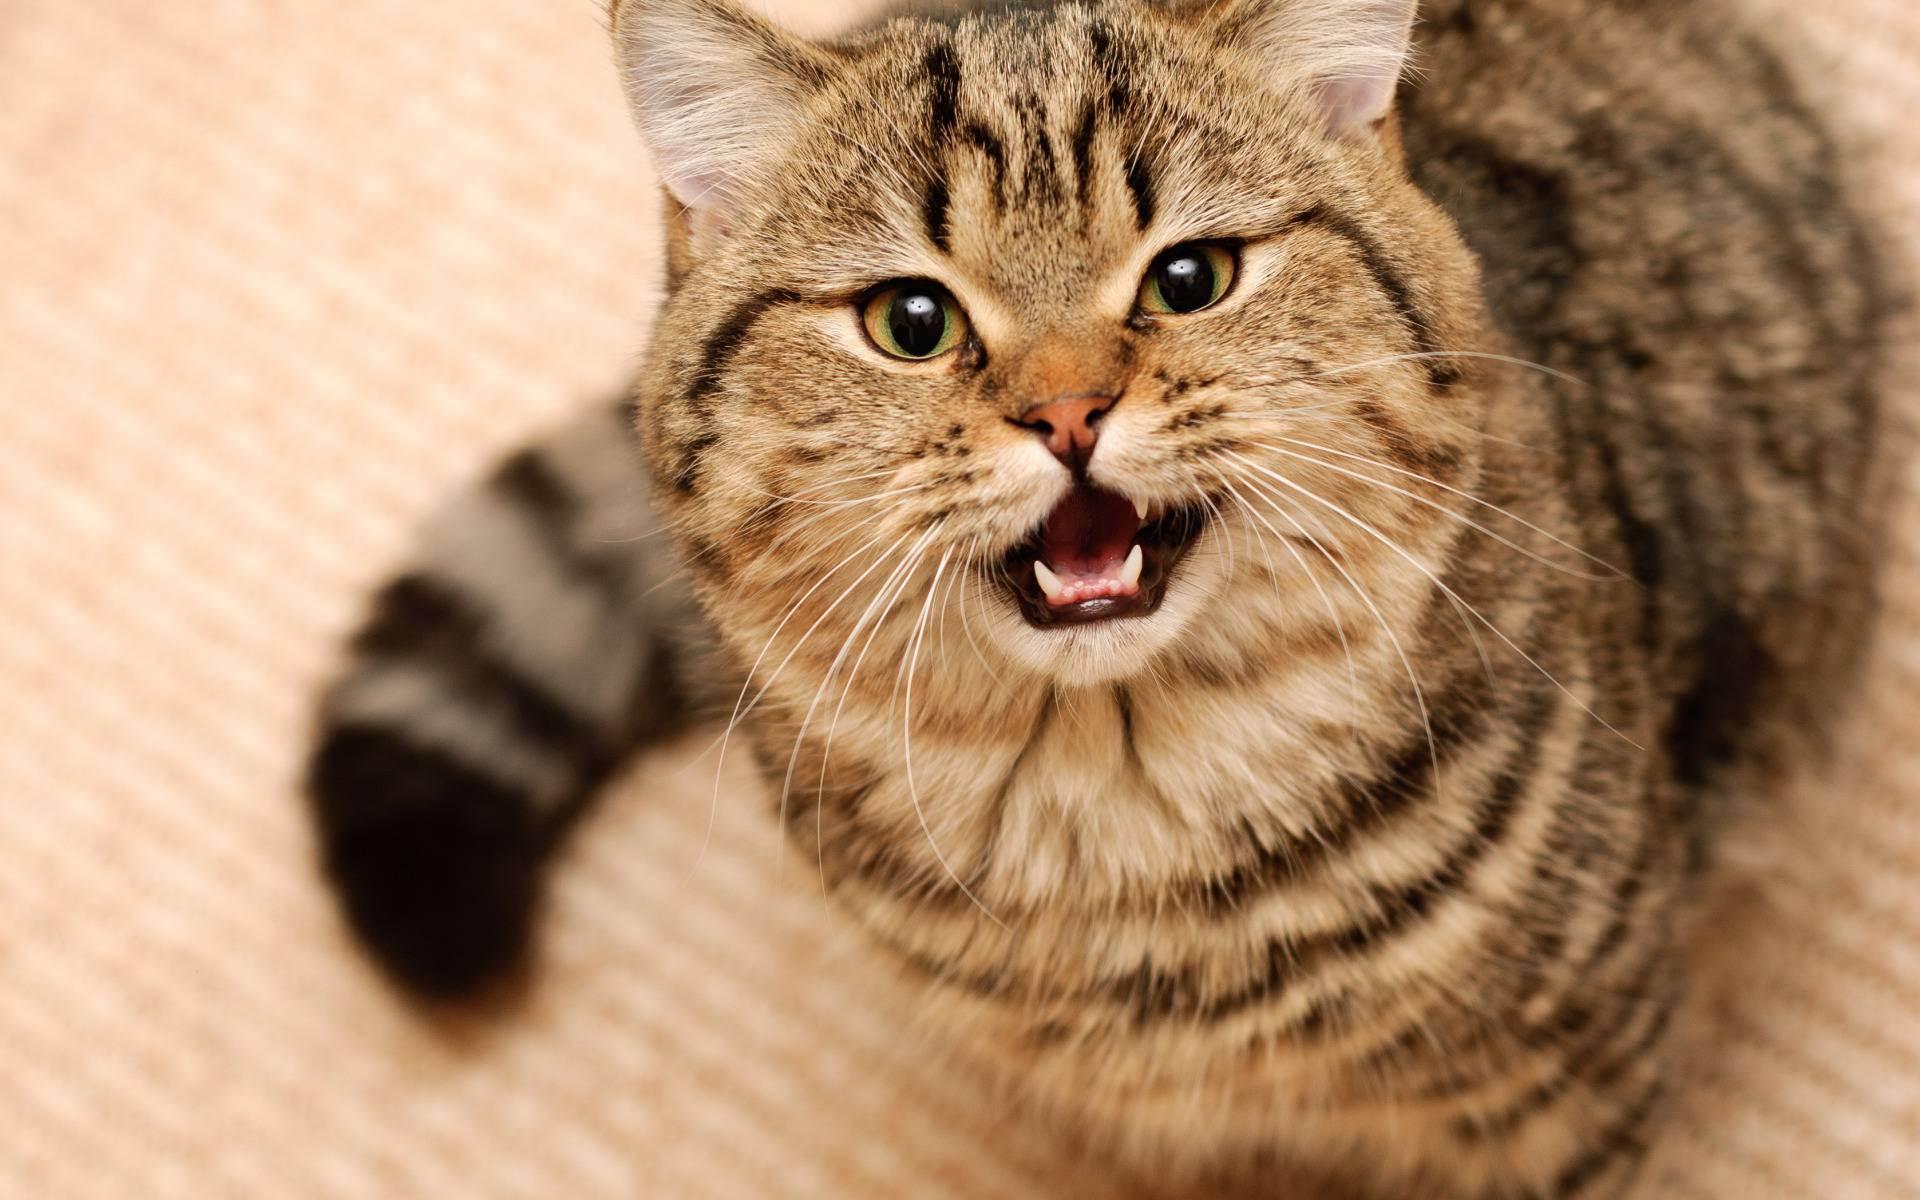 Волнение, болезнь, привлечение внимания: очемговорит беготня ибеспричинное мяуканье кота (2фото)